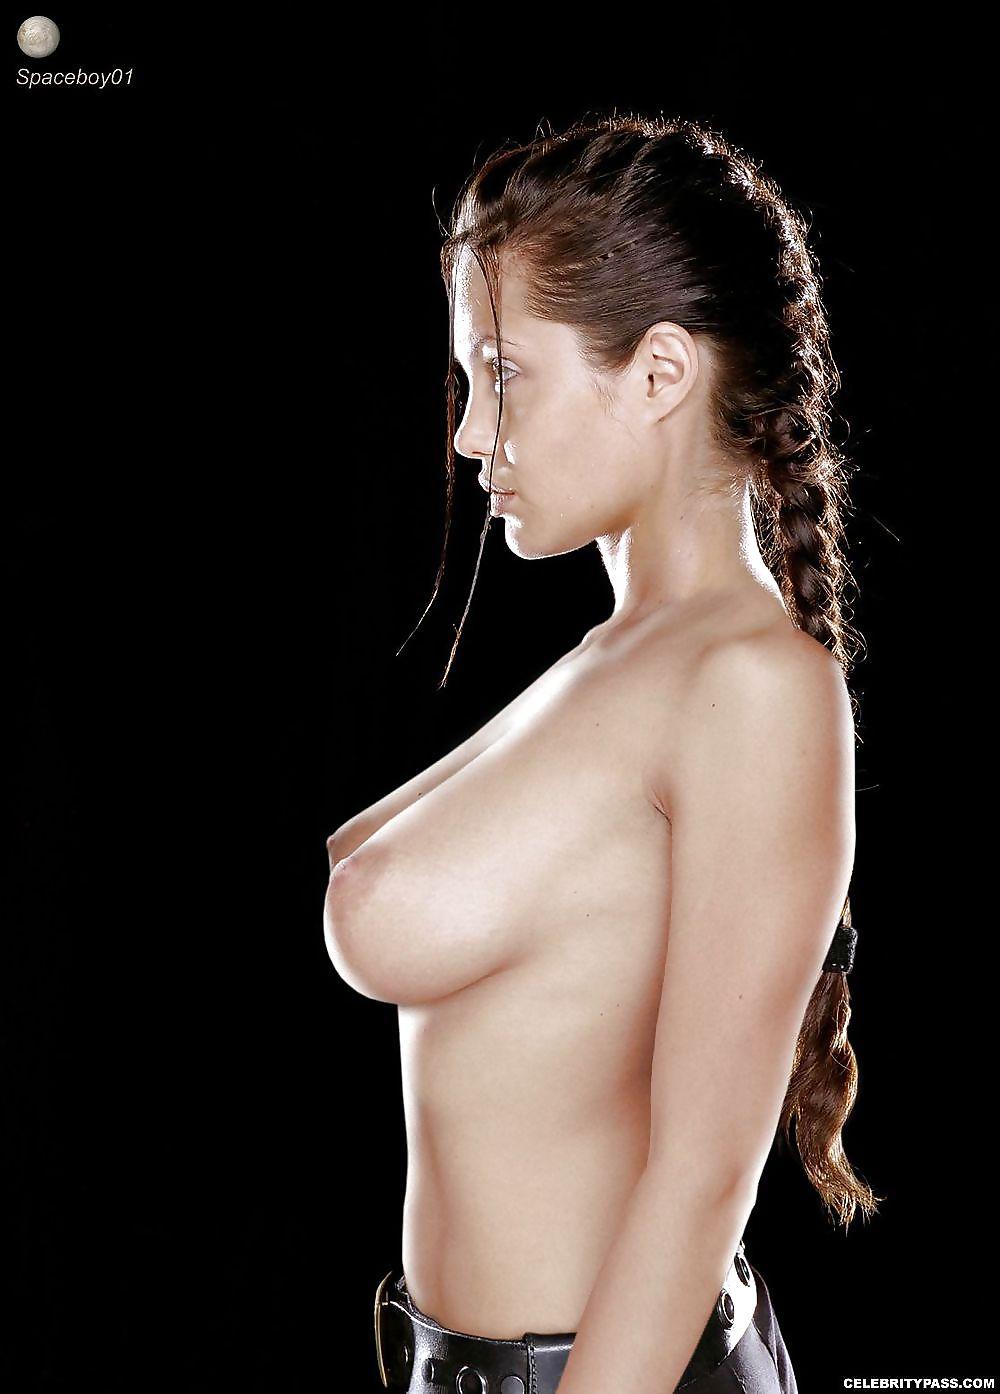 Anjala holie nude